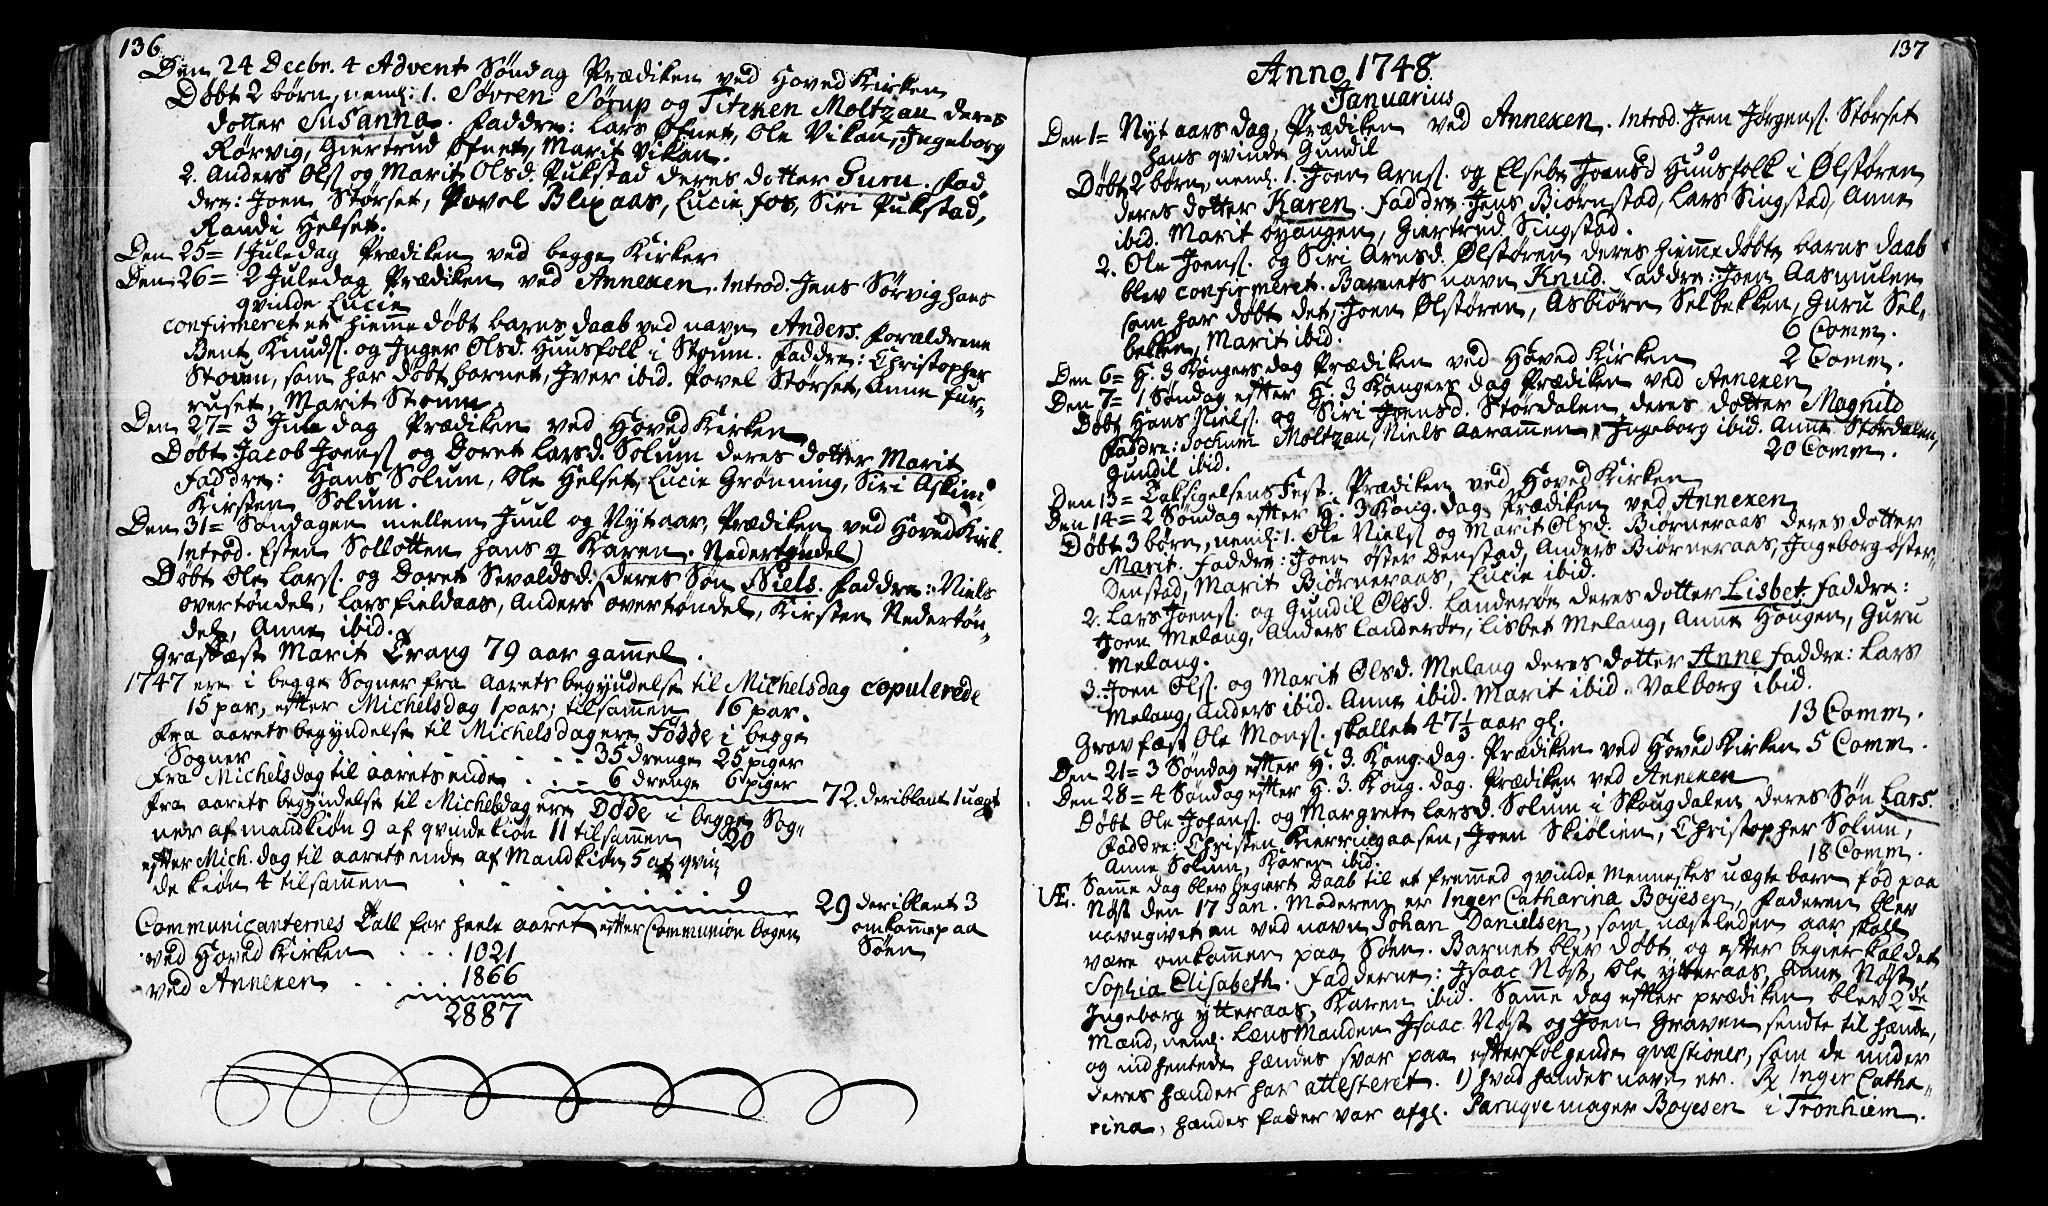 SAT, Ministerialprotokoller, klokkerbøker og fødselsregistre - Sør-Trøndelag, 646/L0604: Ministerialbok nr. 646A02, 1735-1750, s. 136-137